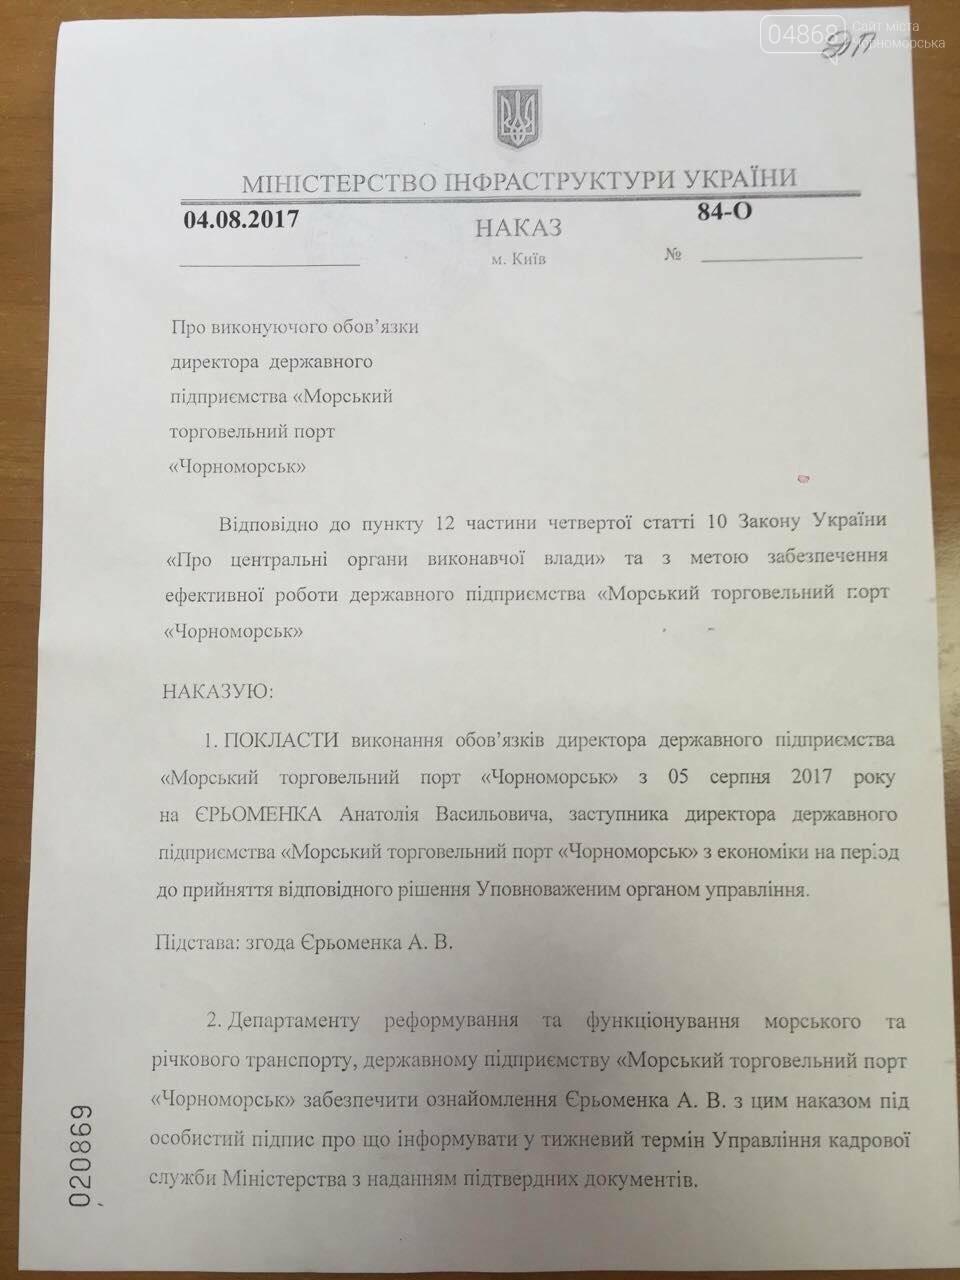 Дело Черноморского порта: бывший директор, подозреваемый НАБУ в воровстве, судится за возвращение на работу , фото-4